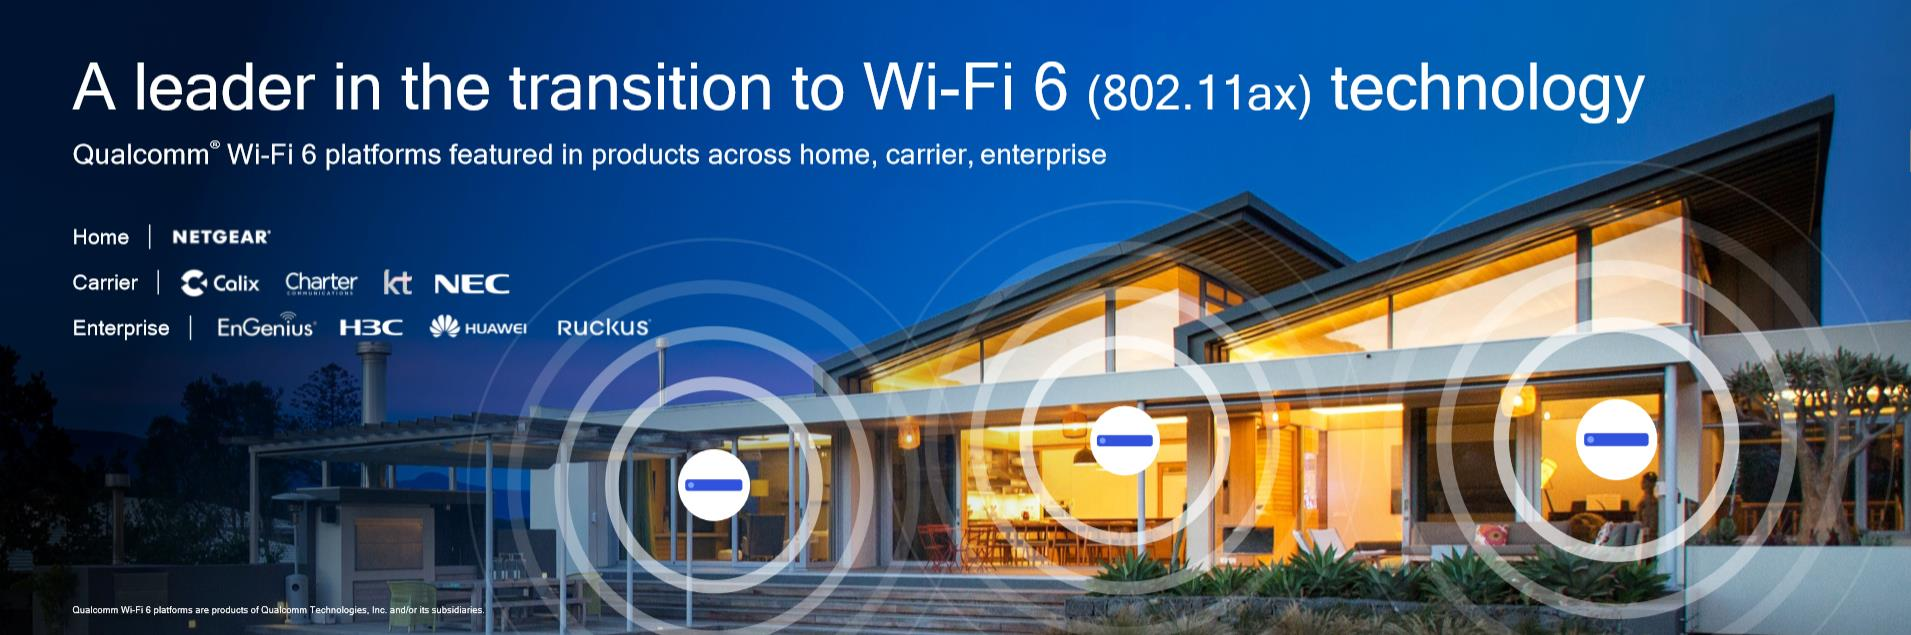 行业向WiFi 6技术迈进 高通展示持续领先优势